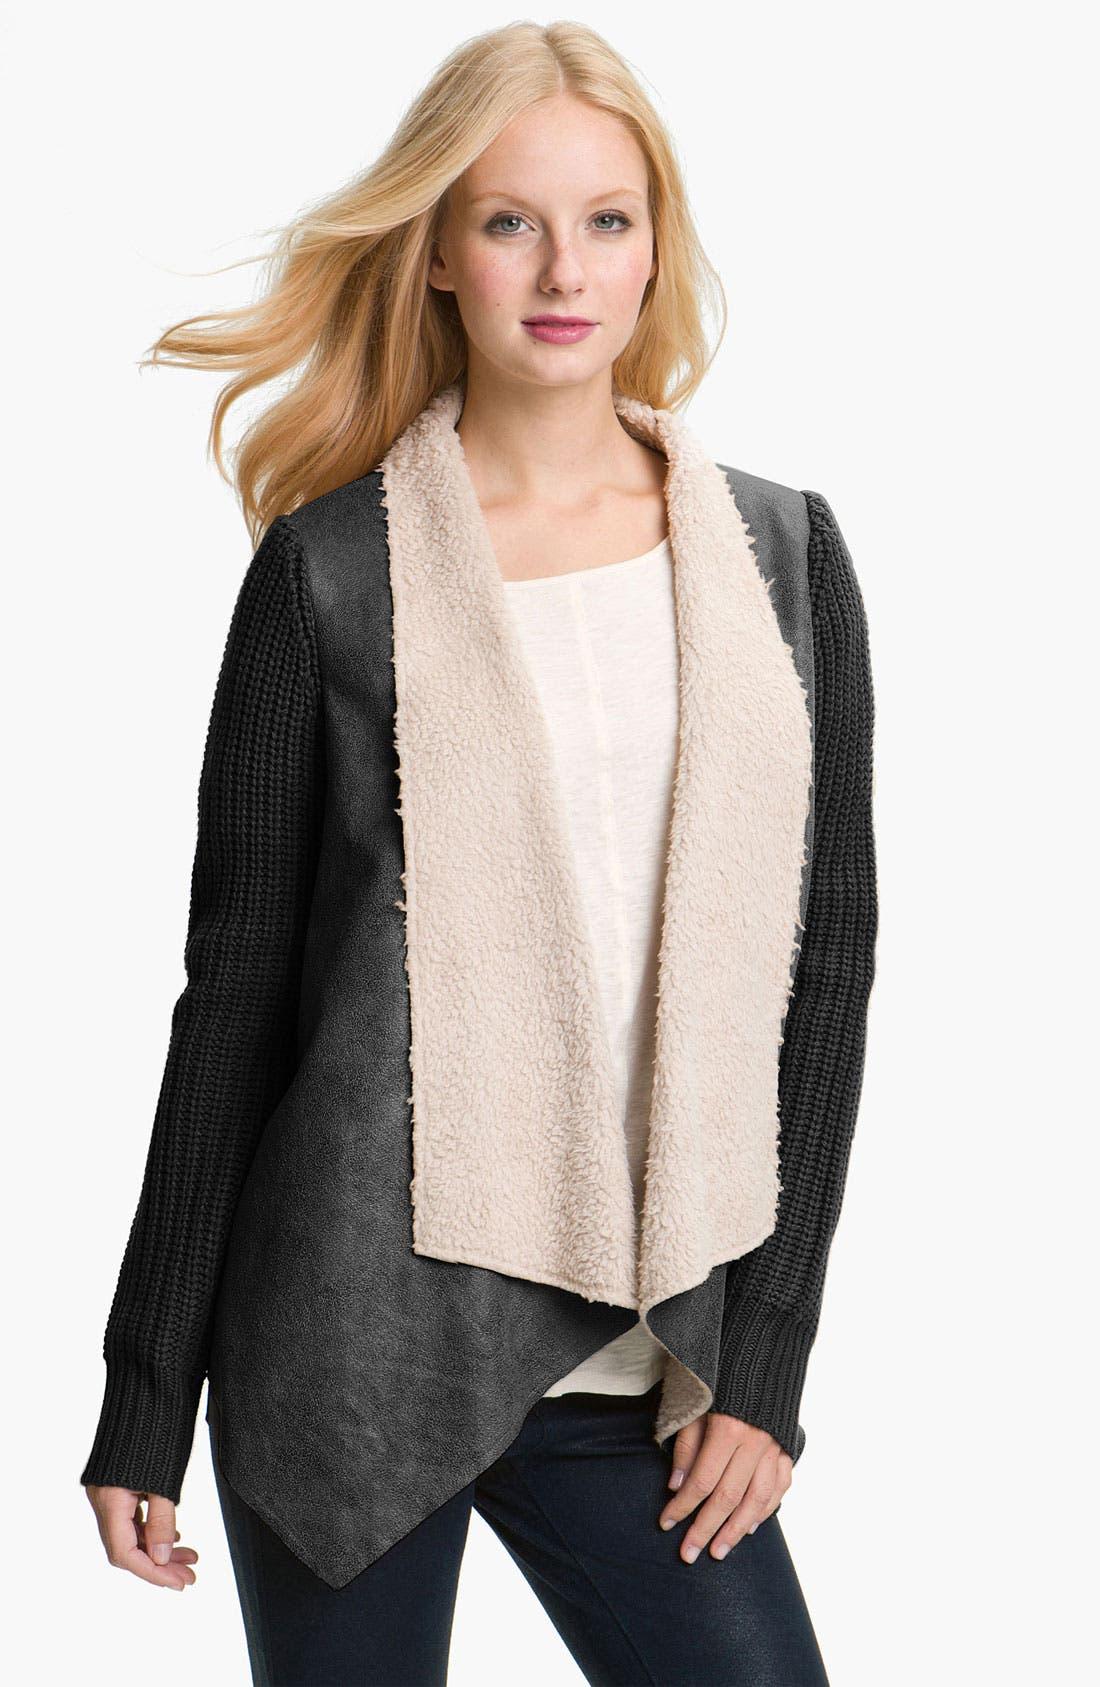 Main Image - Press Faux Shearling & Knit Jacket